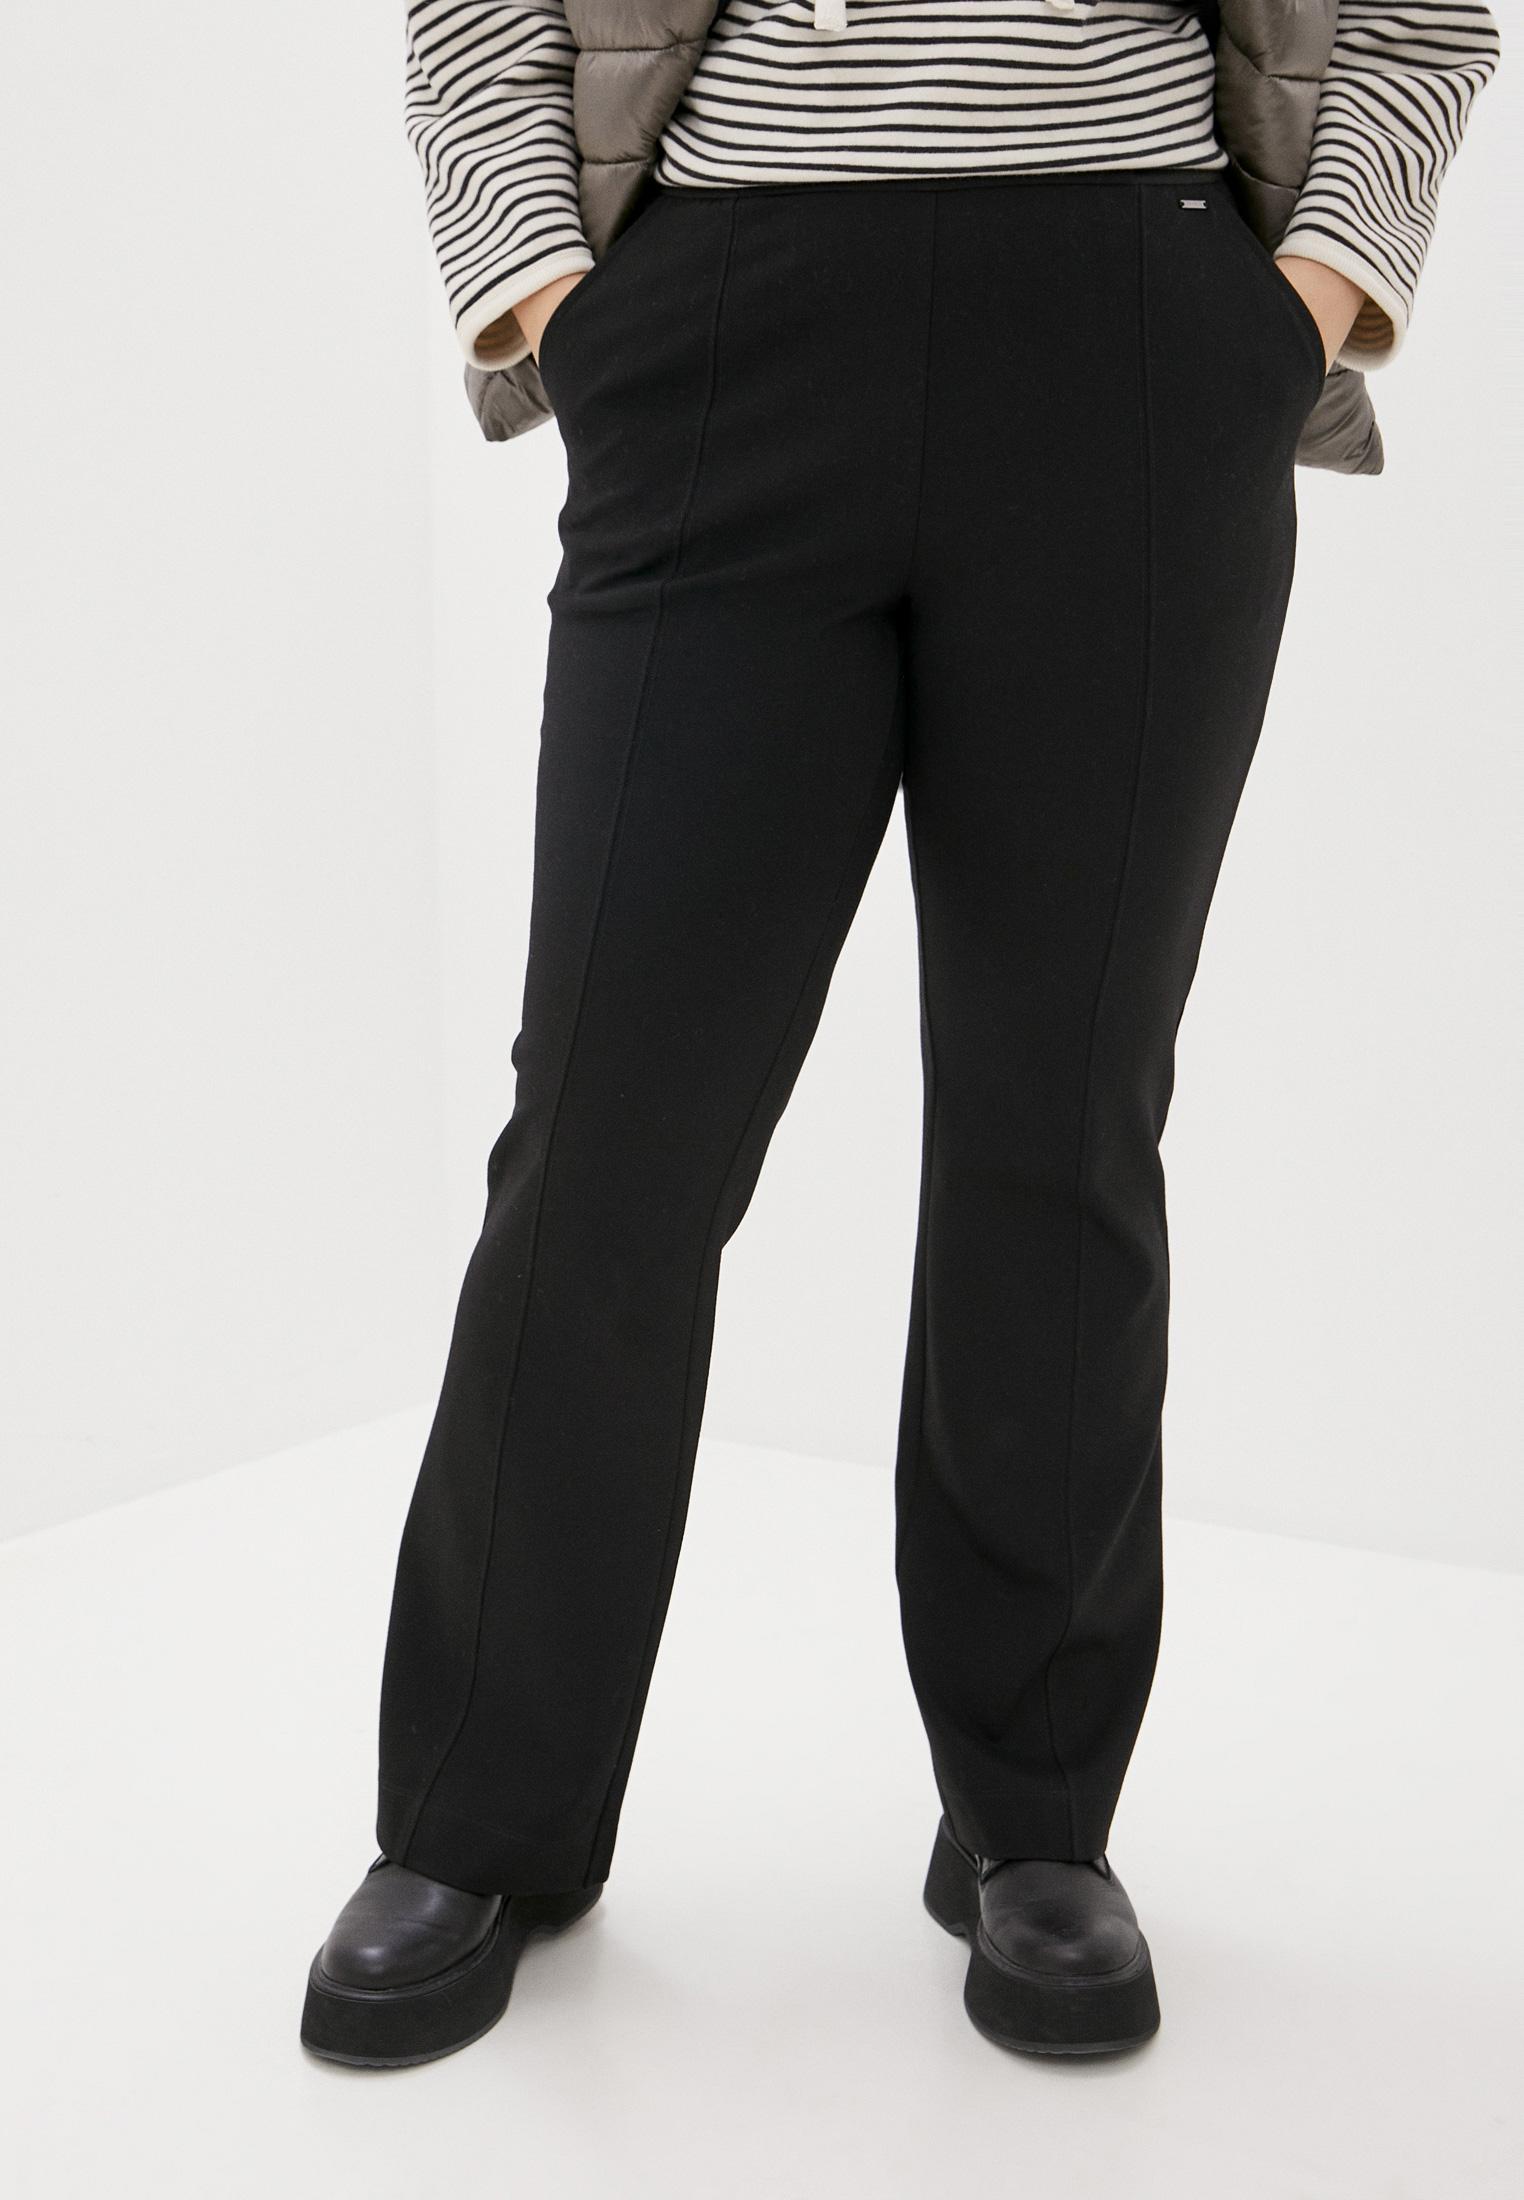 Женские прямые брюки Samoon by Gerry Weber Брюки Samoon by Gerry Weber